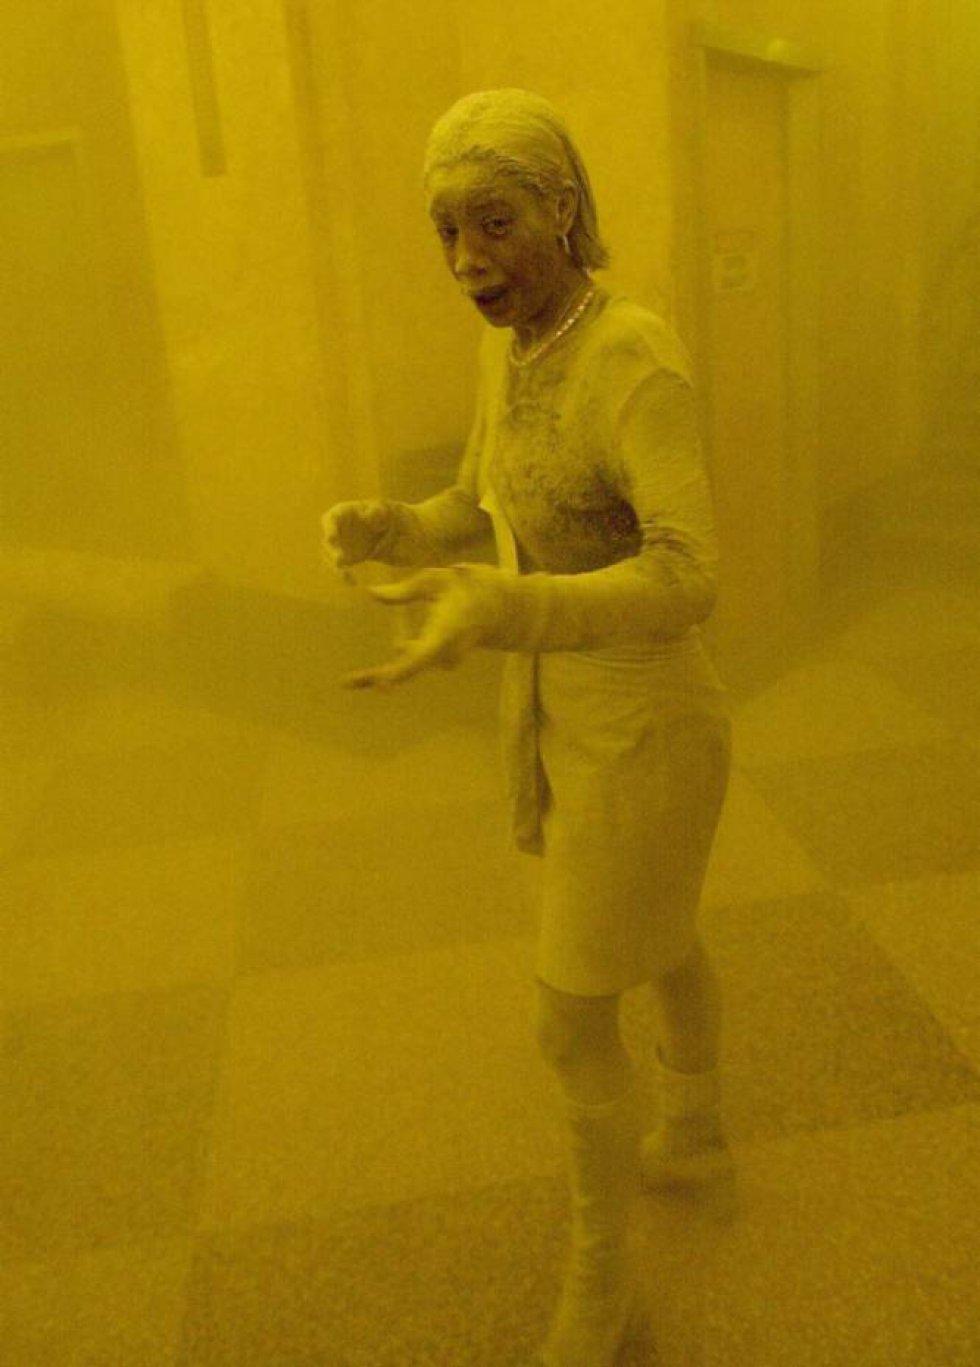 Una superviviente del 11-S huye cubierta de polvo tras el primer ataque a las Torres Gemelas. Su imagen dio la vuelta al mundo. La mujer fue identificada como Marcy Borders. Falleció el 24 de agosto de 2015, a los 42 años, víctima de un cáncer de estómago. Borders estaba convencida de que la causa de su enfermedad fueron precisamente los agentes químicos del polvo que tragó aquel día.